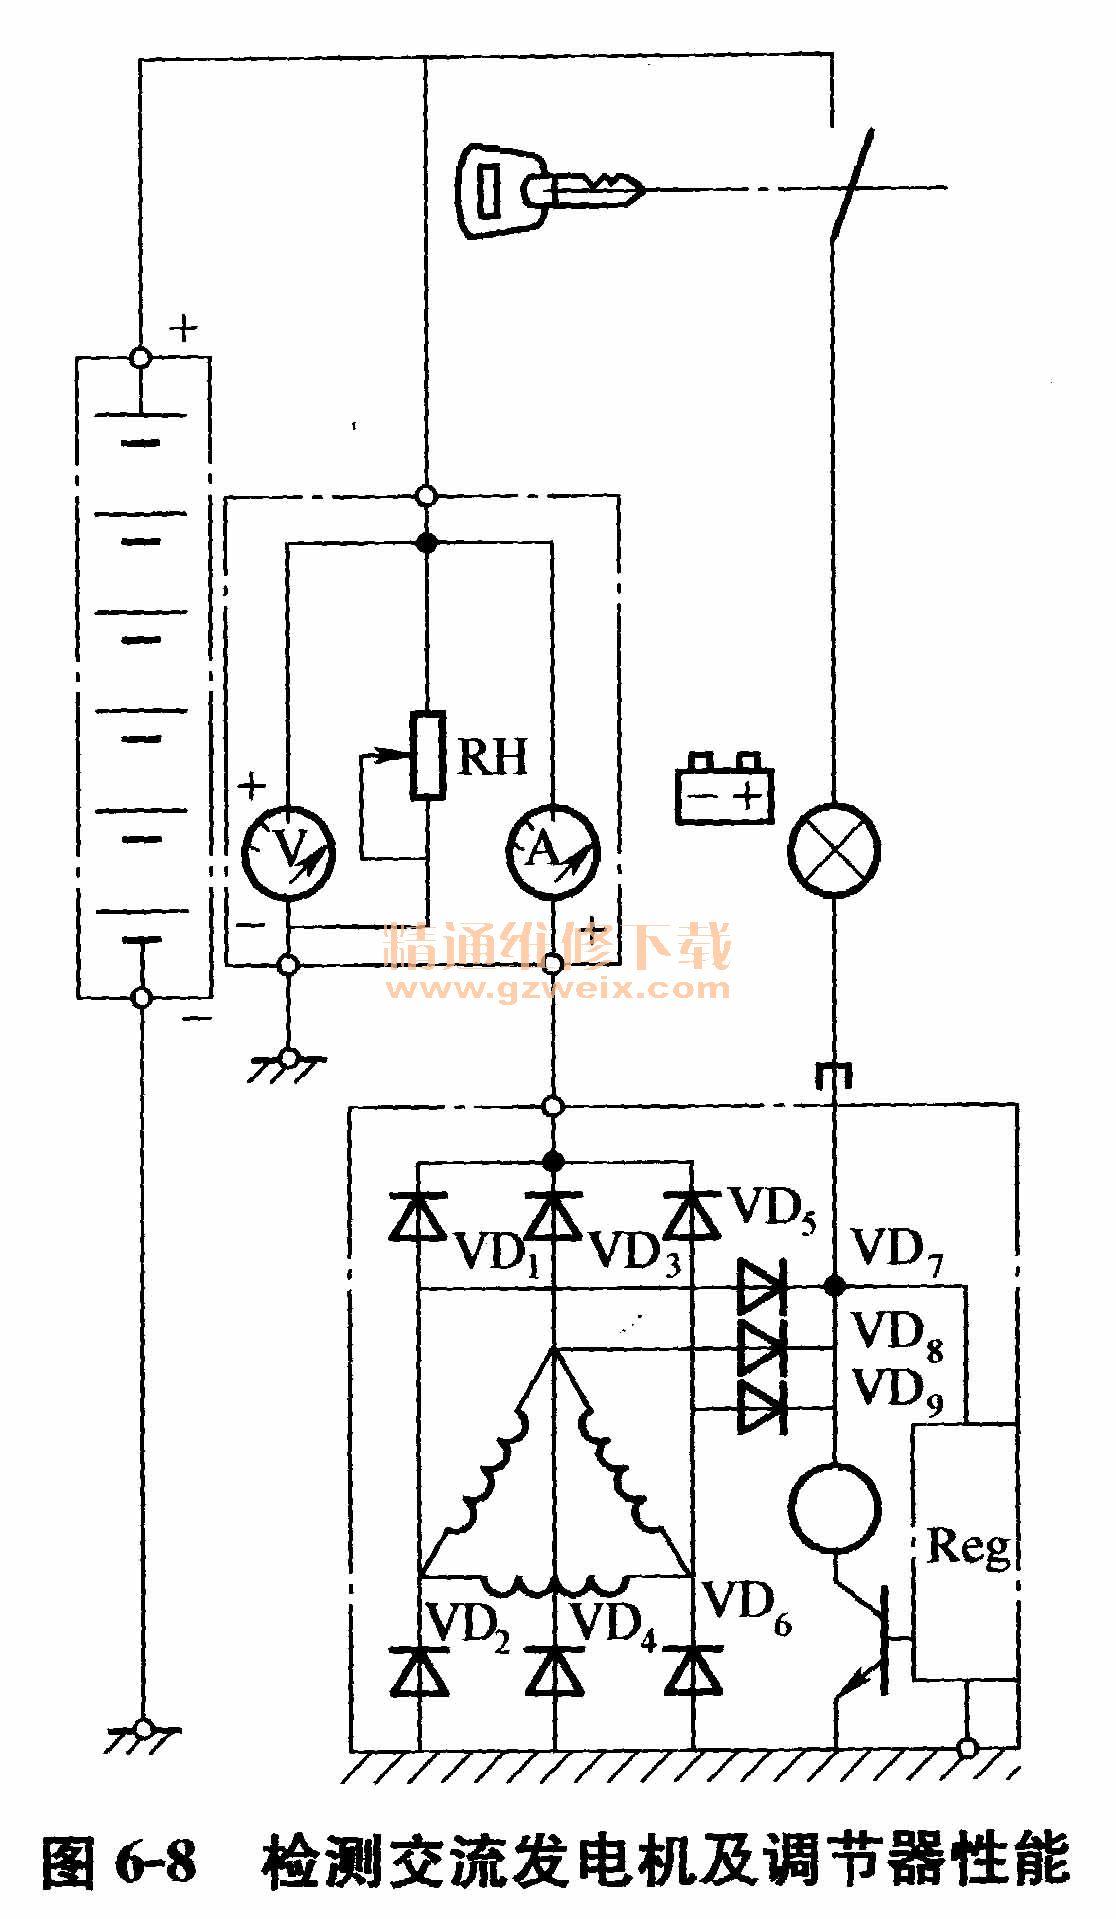 铁龙爱丽舍轿车交流发电机及调节器整体性能的测试图片